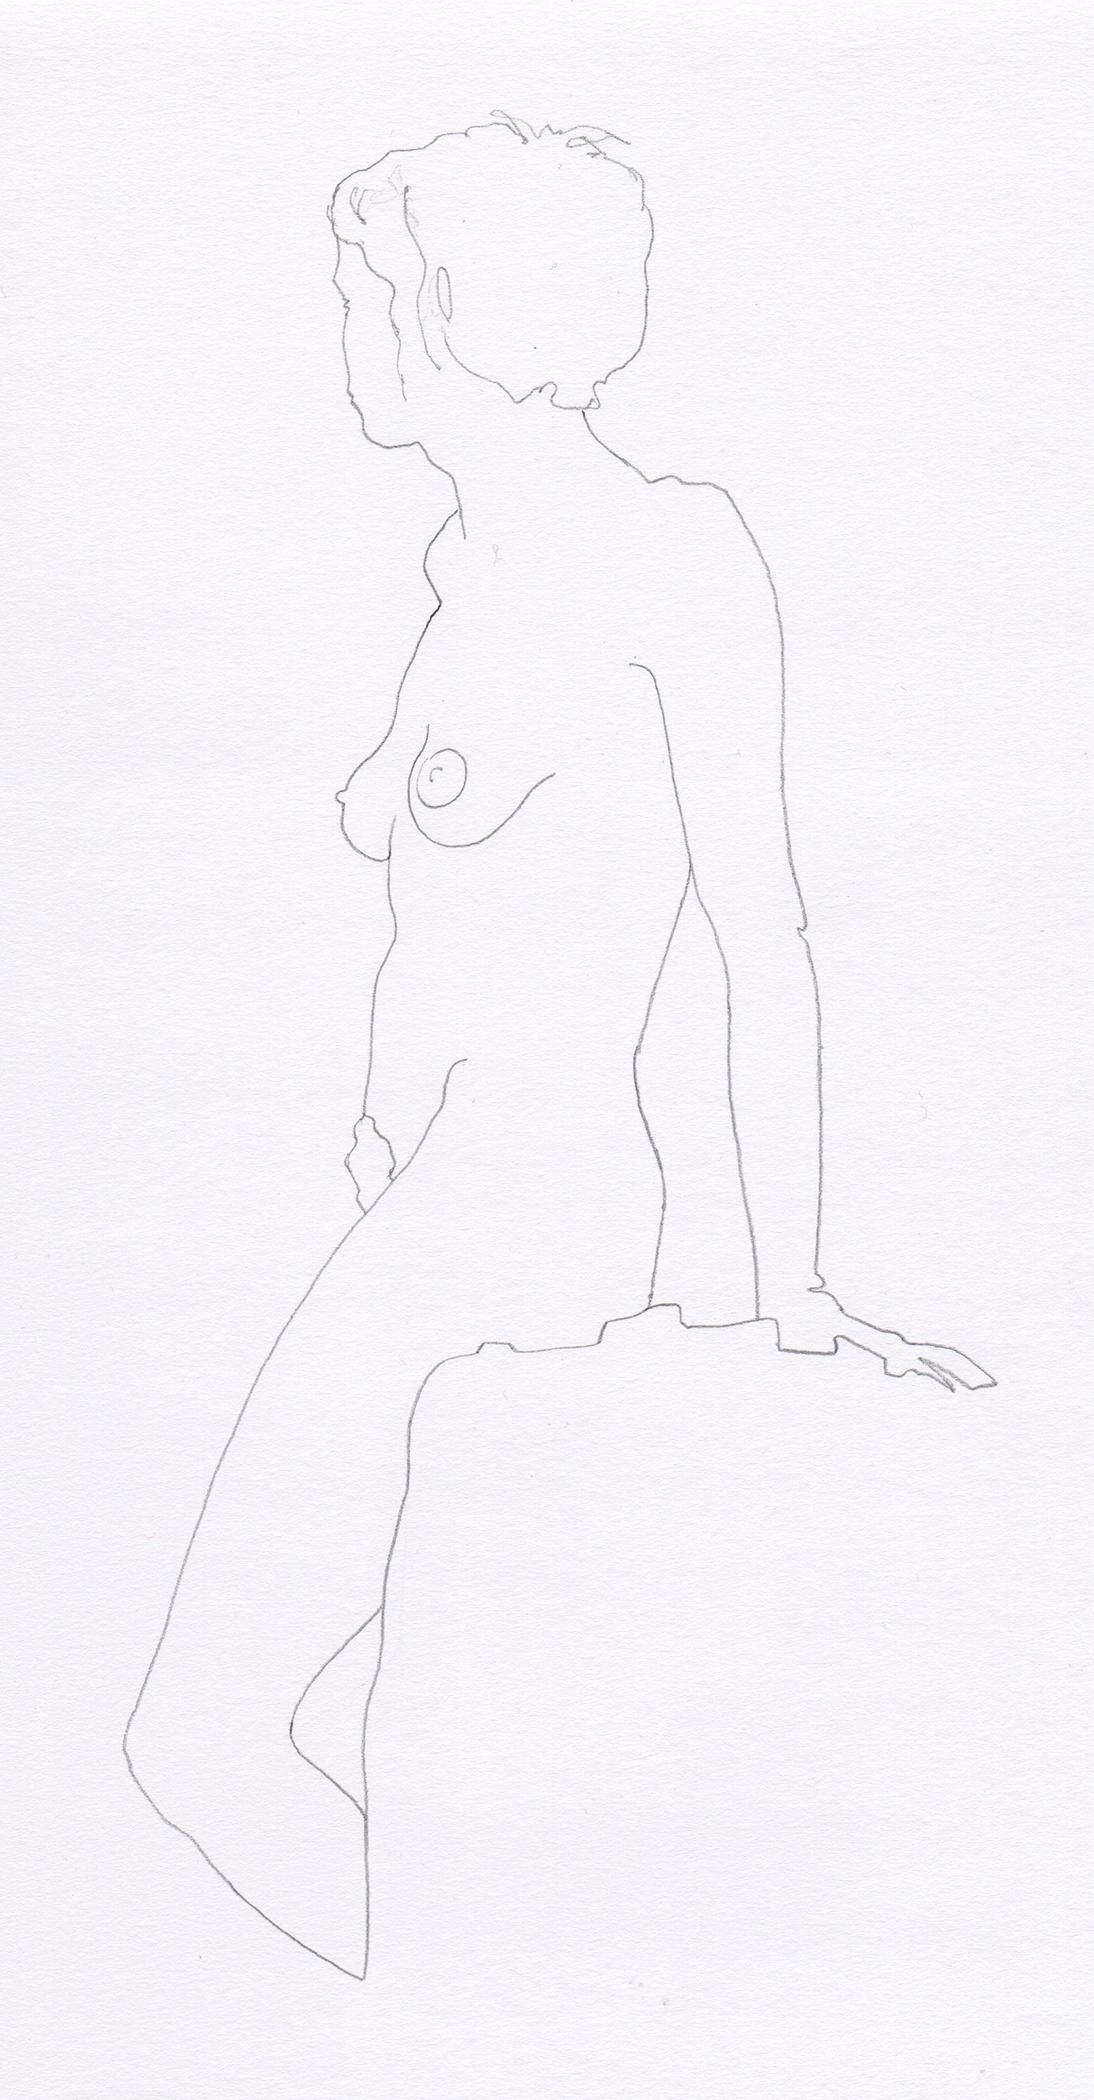 2012_Sketch_F-Beudin_Alice_02